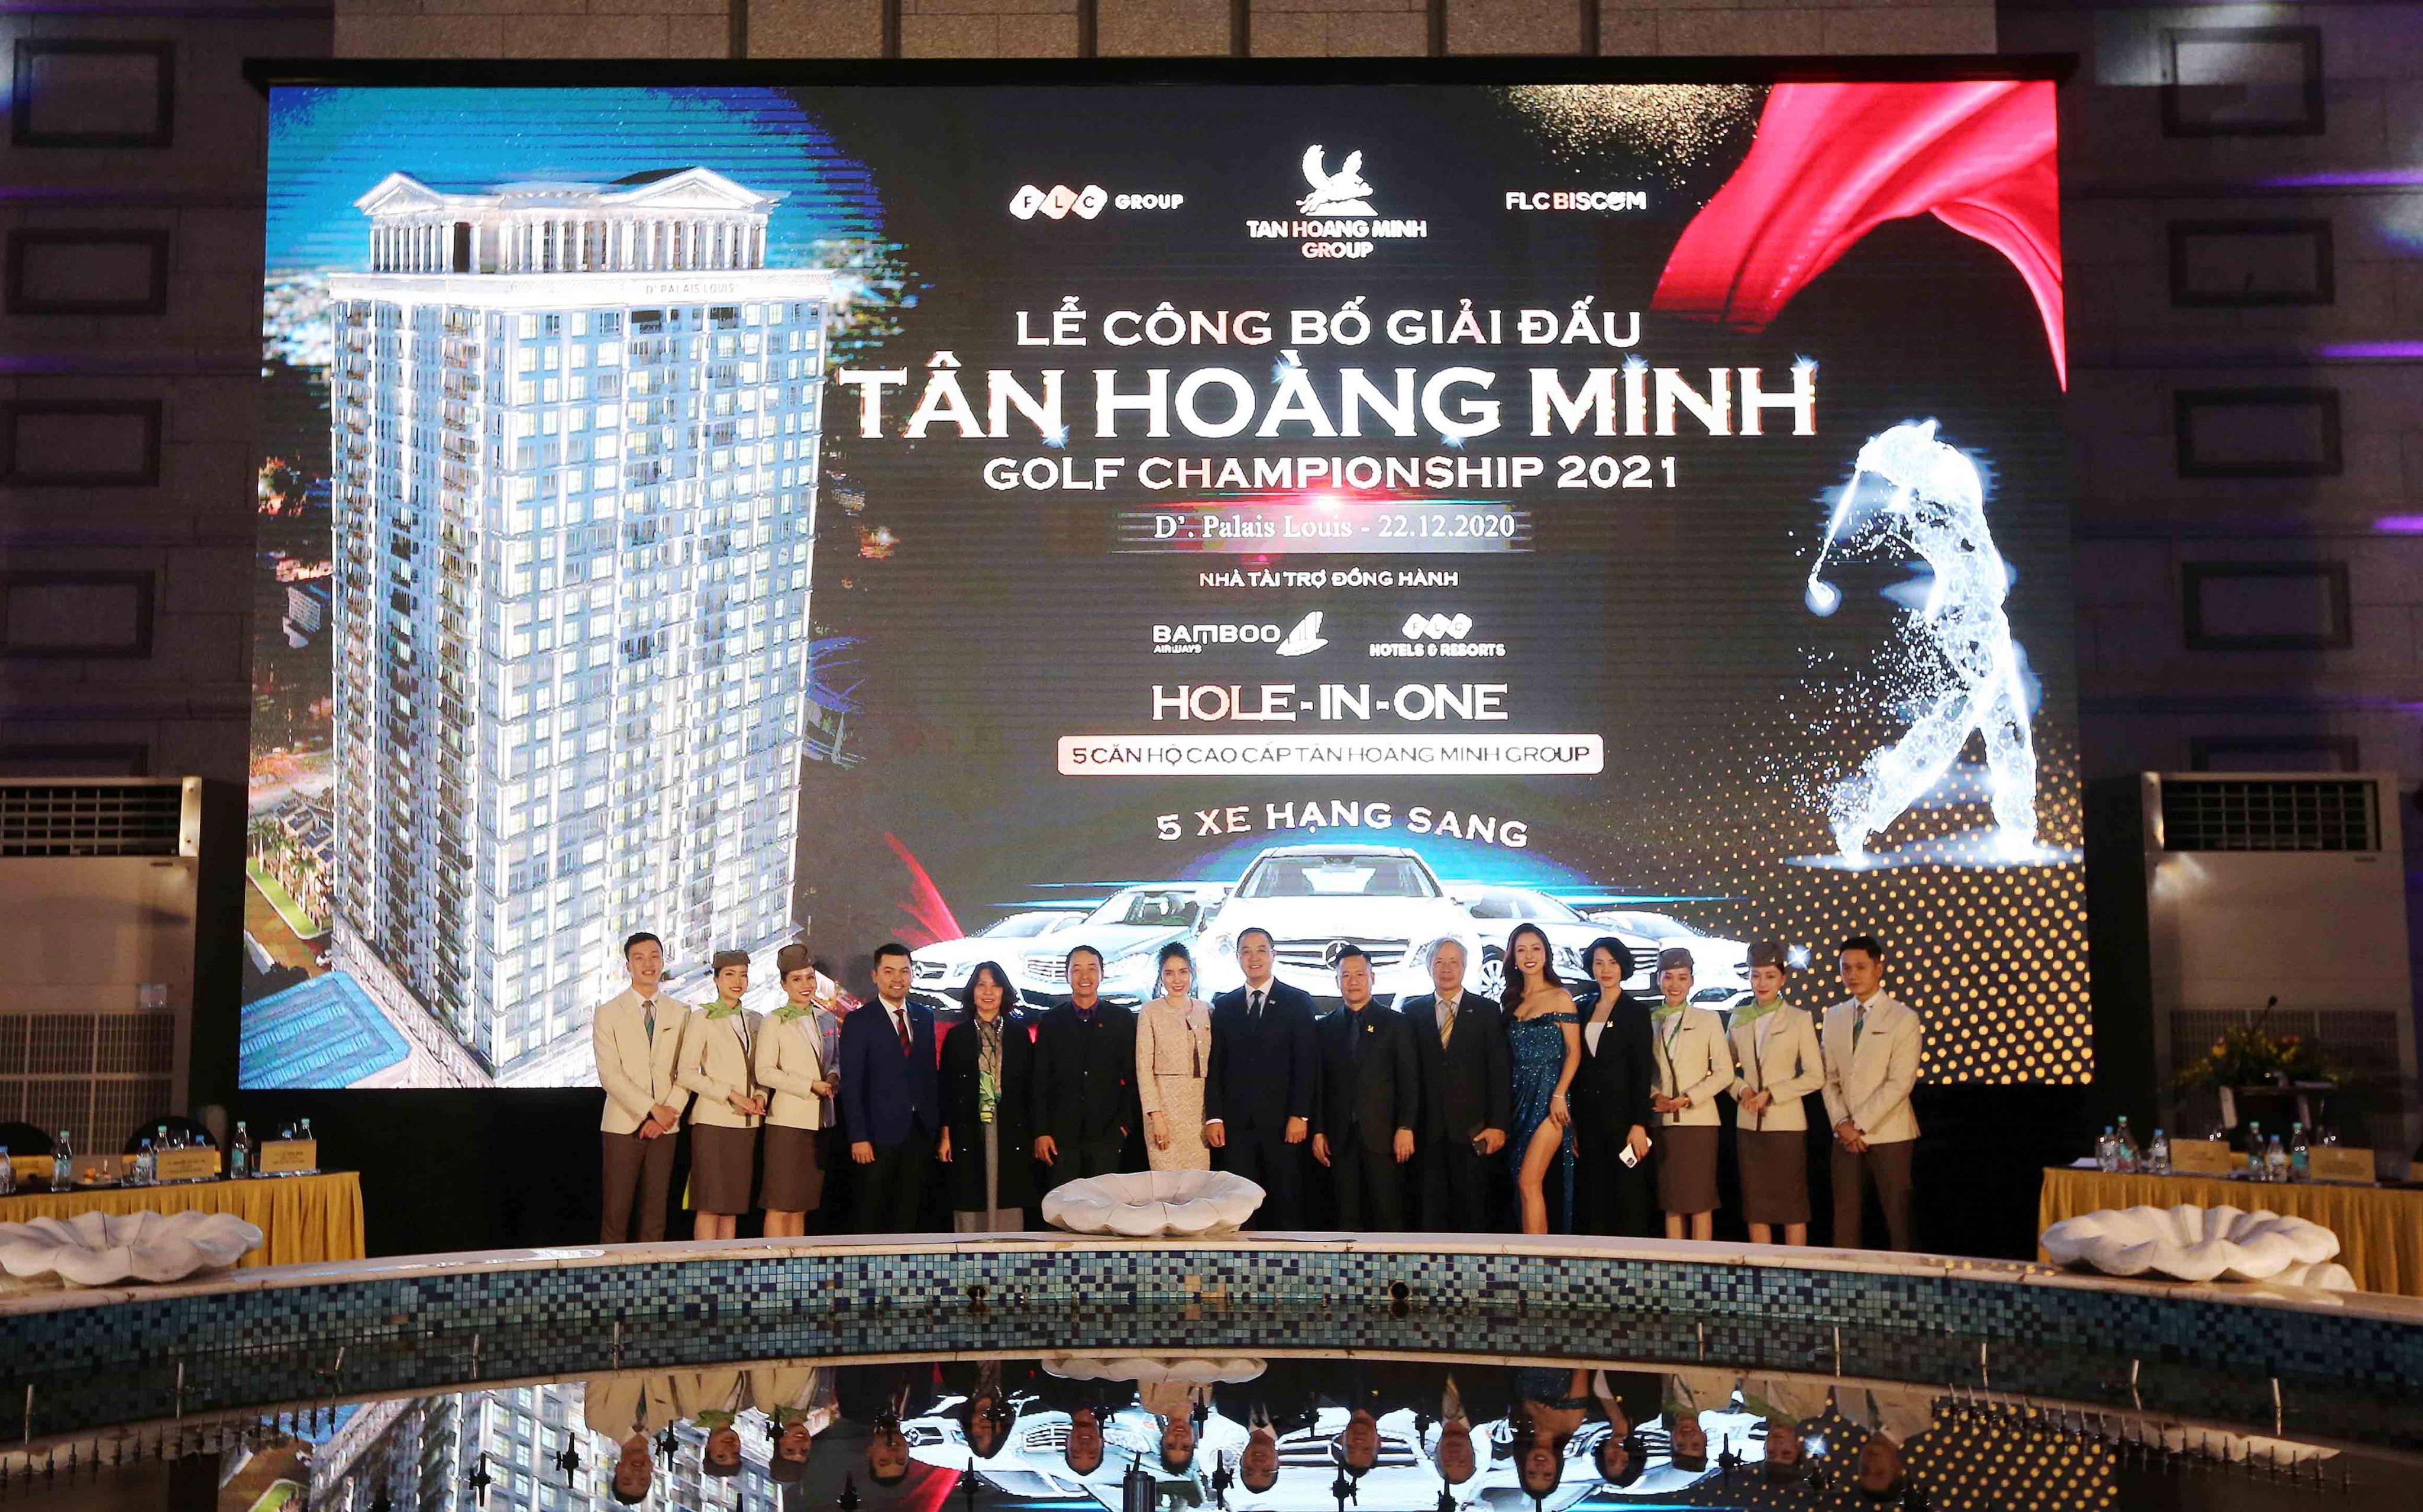 Tân Hoàng Minh Golf Championship 2021 mở đầu năm mới với giải thưởng cực lớn